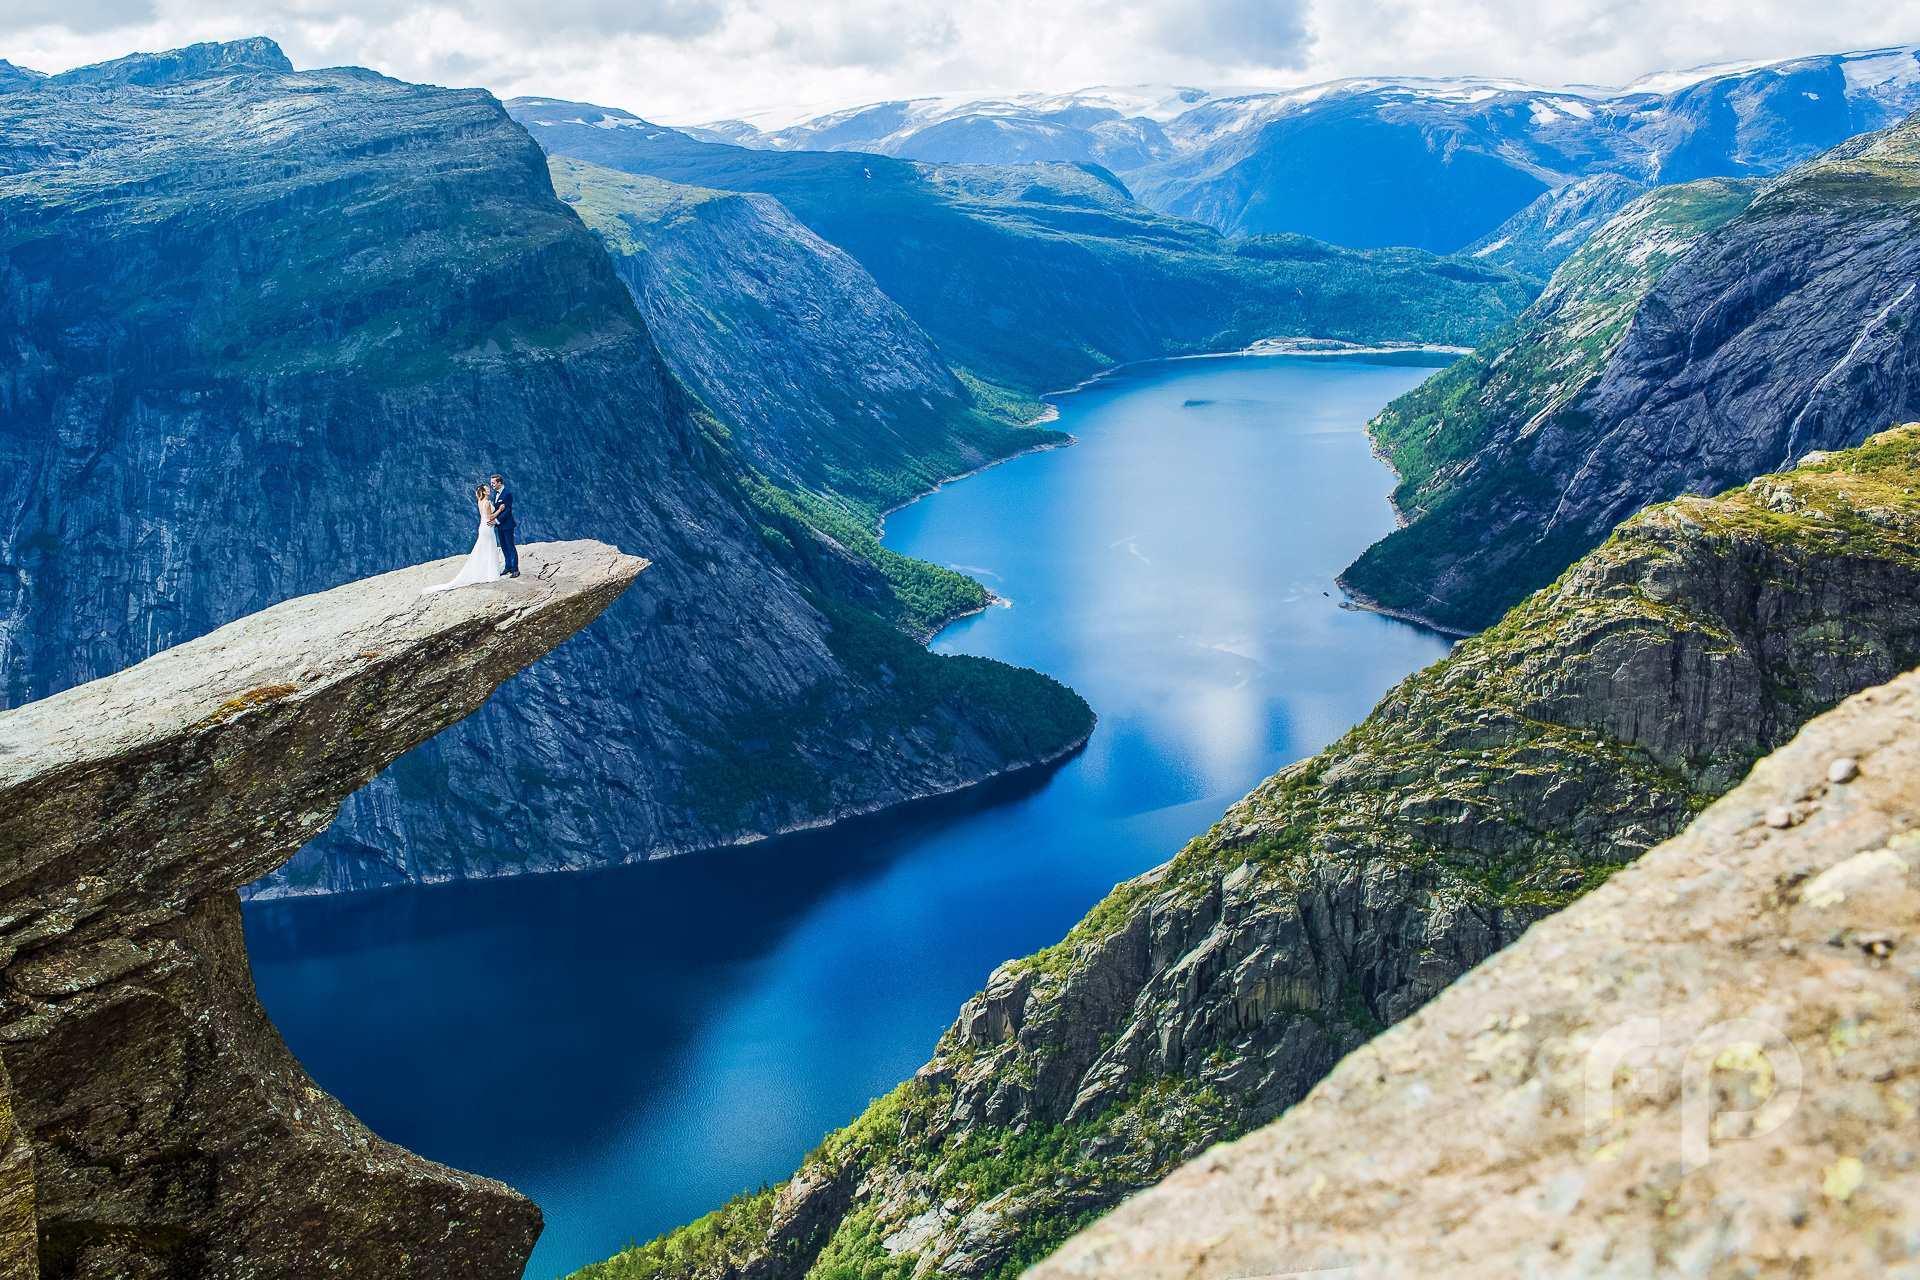 Trolltunga Norwegia - plener ślubny za granicą